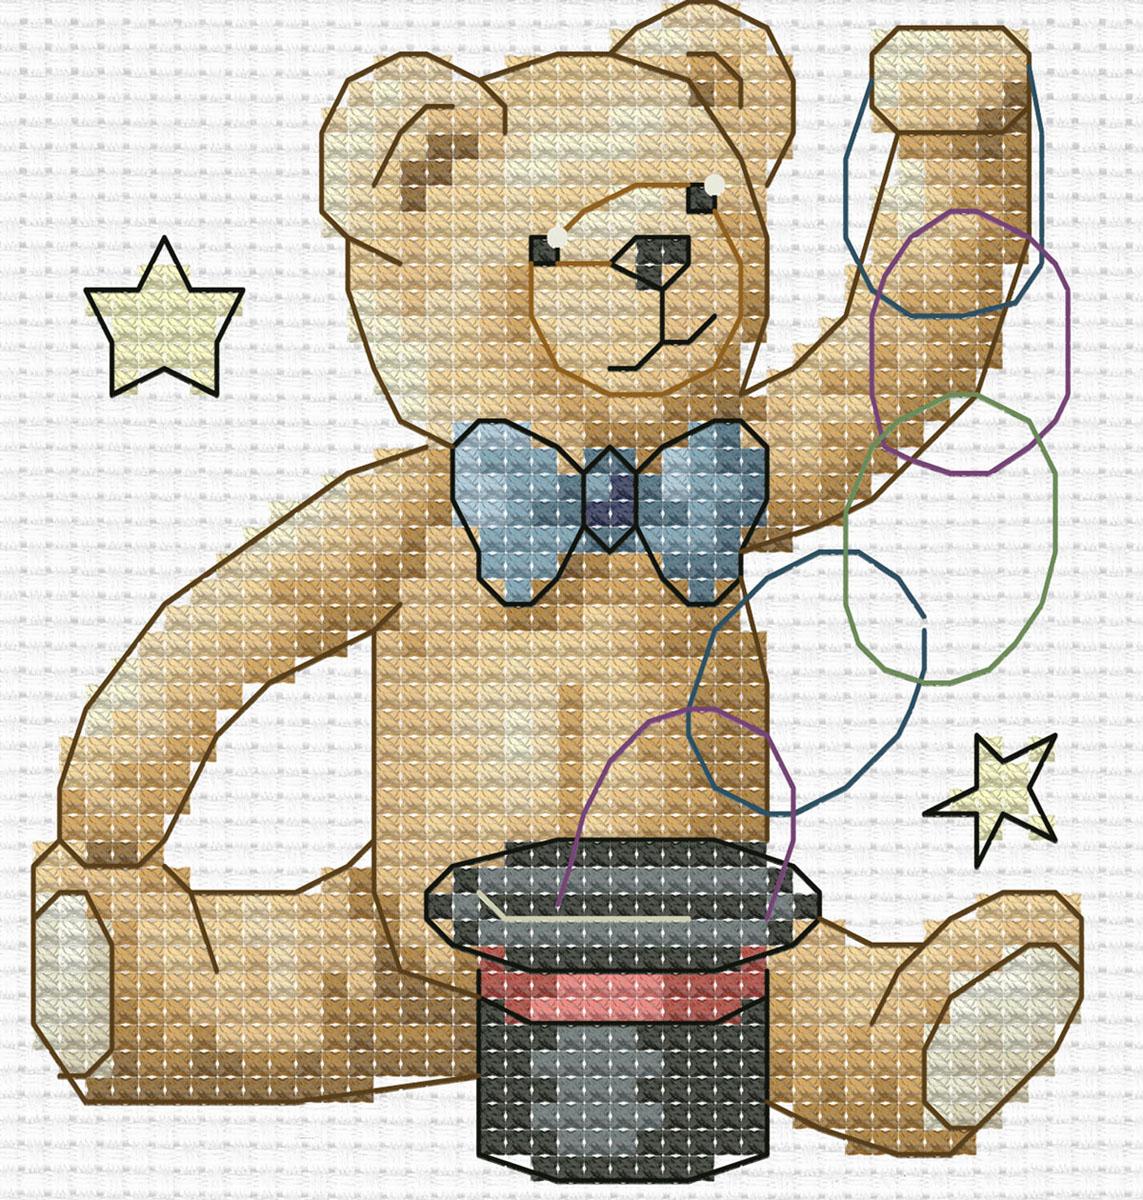 Набор для вышивания крестом Медвежонок фокусник, 17 х 18 см412-14 Медвежонок фокусникВ наборе для вышивания крестом Медвежонок фокусник есть все необходимое для создания собственного чуда: канва Аида 14 белого цвета, хлопковые мулине, цветная символьная схема, 2 иглы. Красивый рисунок-вышивка с изображением забавного медвежонка привлечет к себе внимание и будет оригинально смотреться в интерьере вашего помещения. Вышивание крестом отвлечет вас от повседневных забот и превратится в увлекательное занятие! Работа, сделанная своими руками, создаст особый уют и атмосферу в доме и долгие годы будет радовать вас и ваших близких.